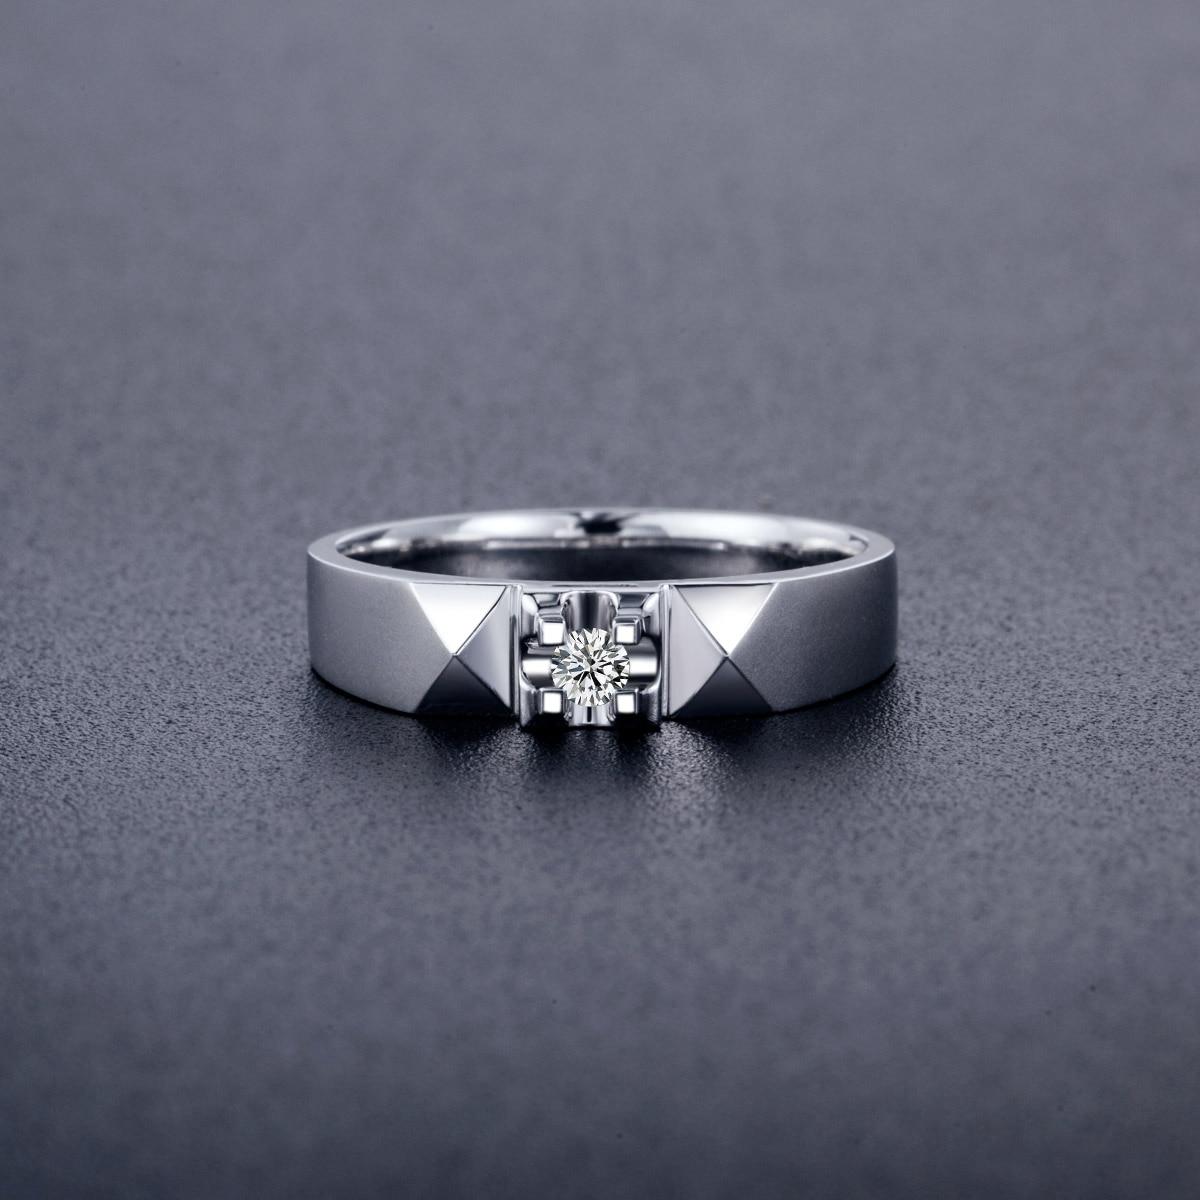 18 كيلو 0.06ct الماس خاتم الذهب للرجال حقيقية ك الذهب و الماس الطبيعي الرجال خاتم الزواج خاتم الخطوبة الجميلة مجوهرات